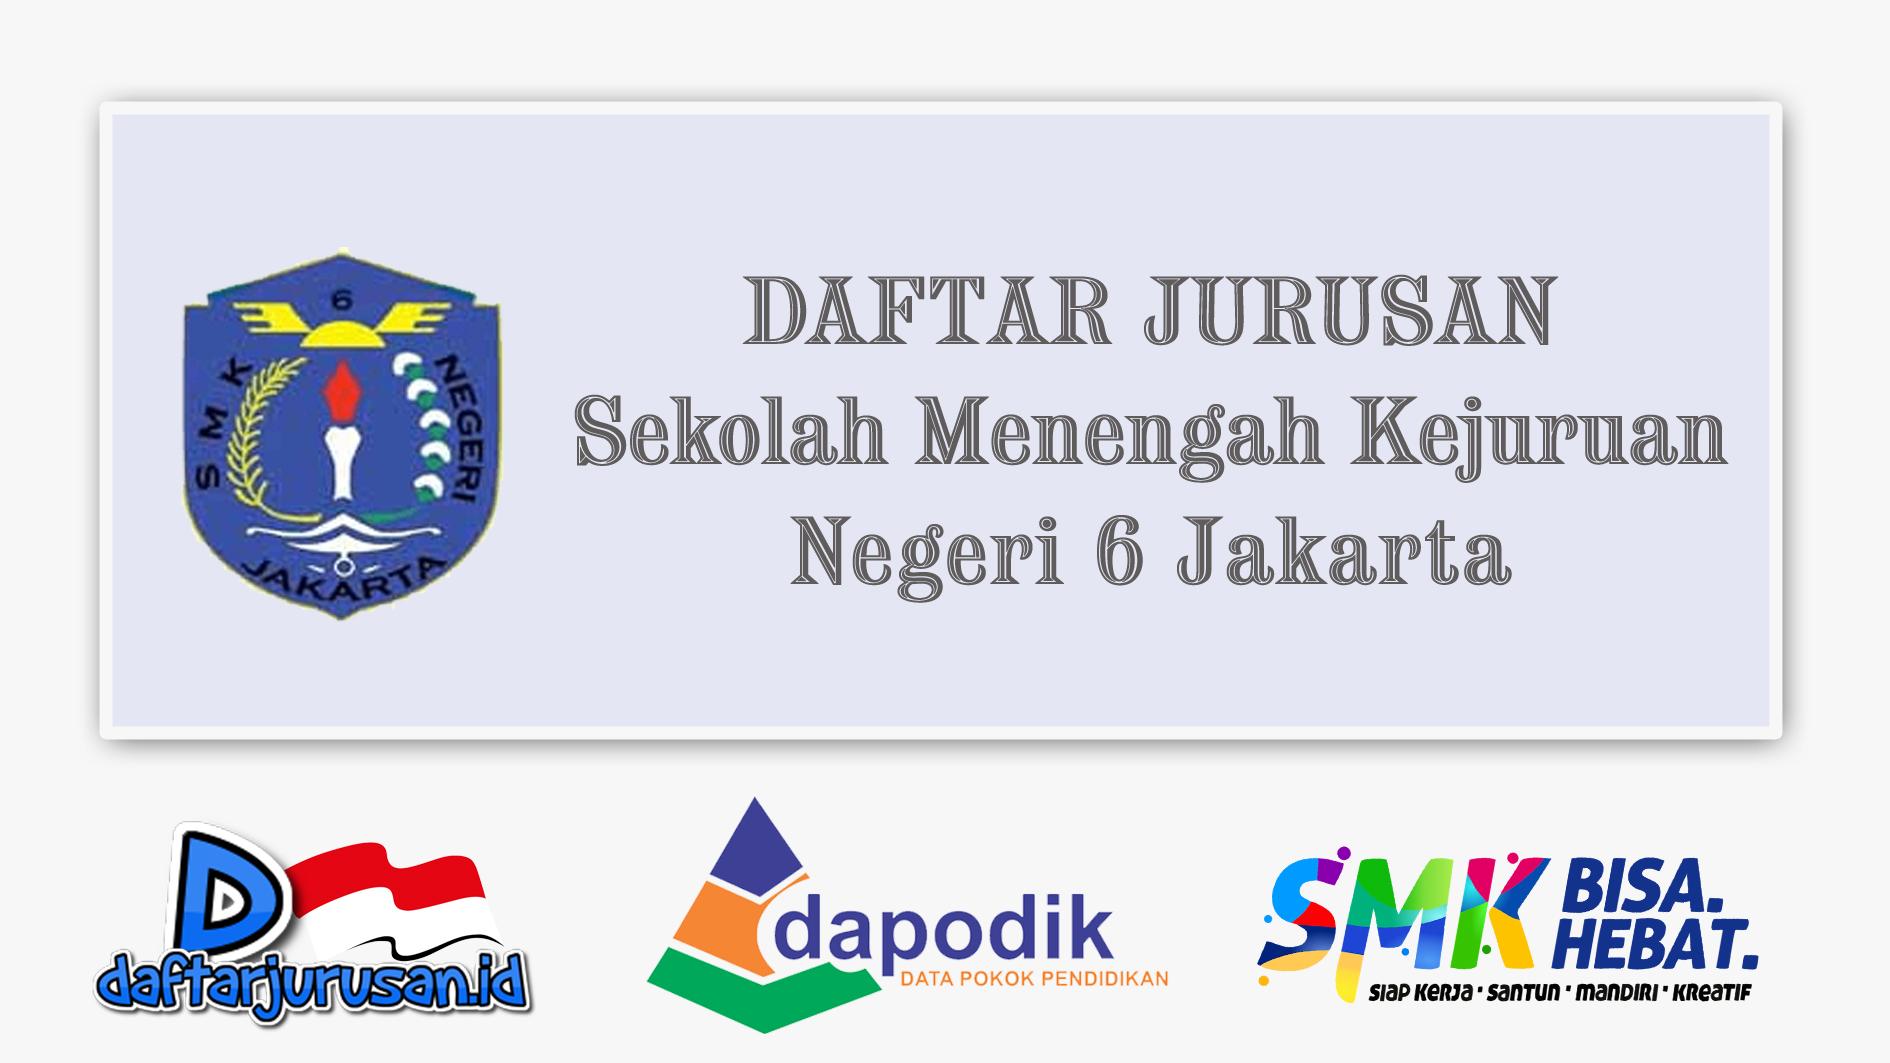 Daftar Jurusan SMK Negeri 6 Jakarta Selatan